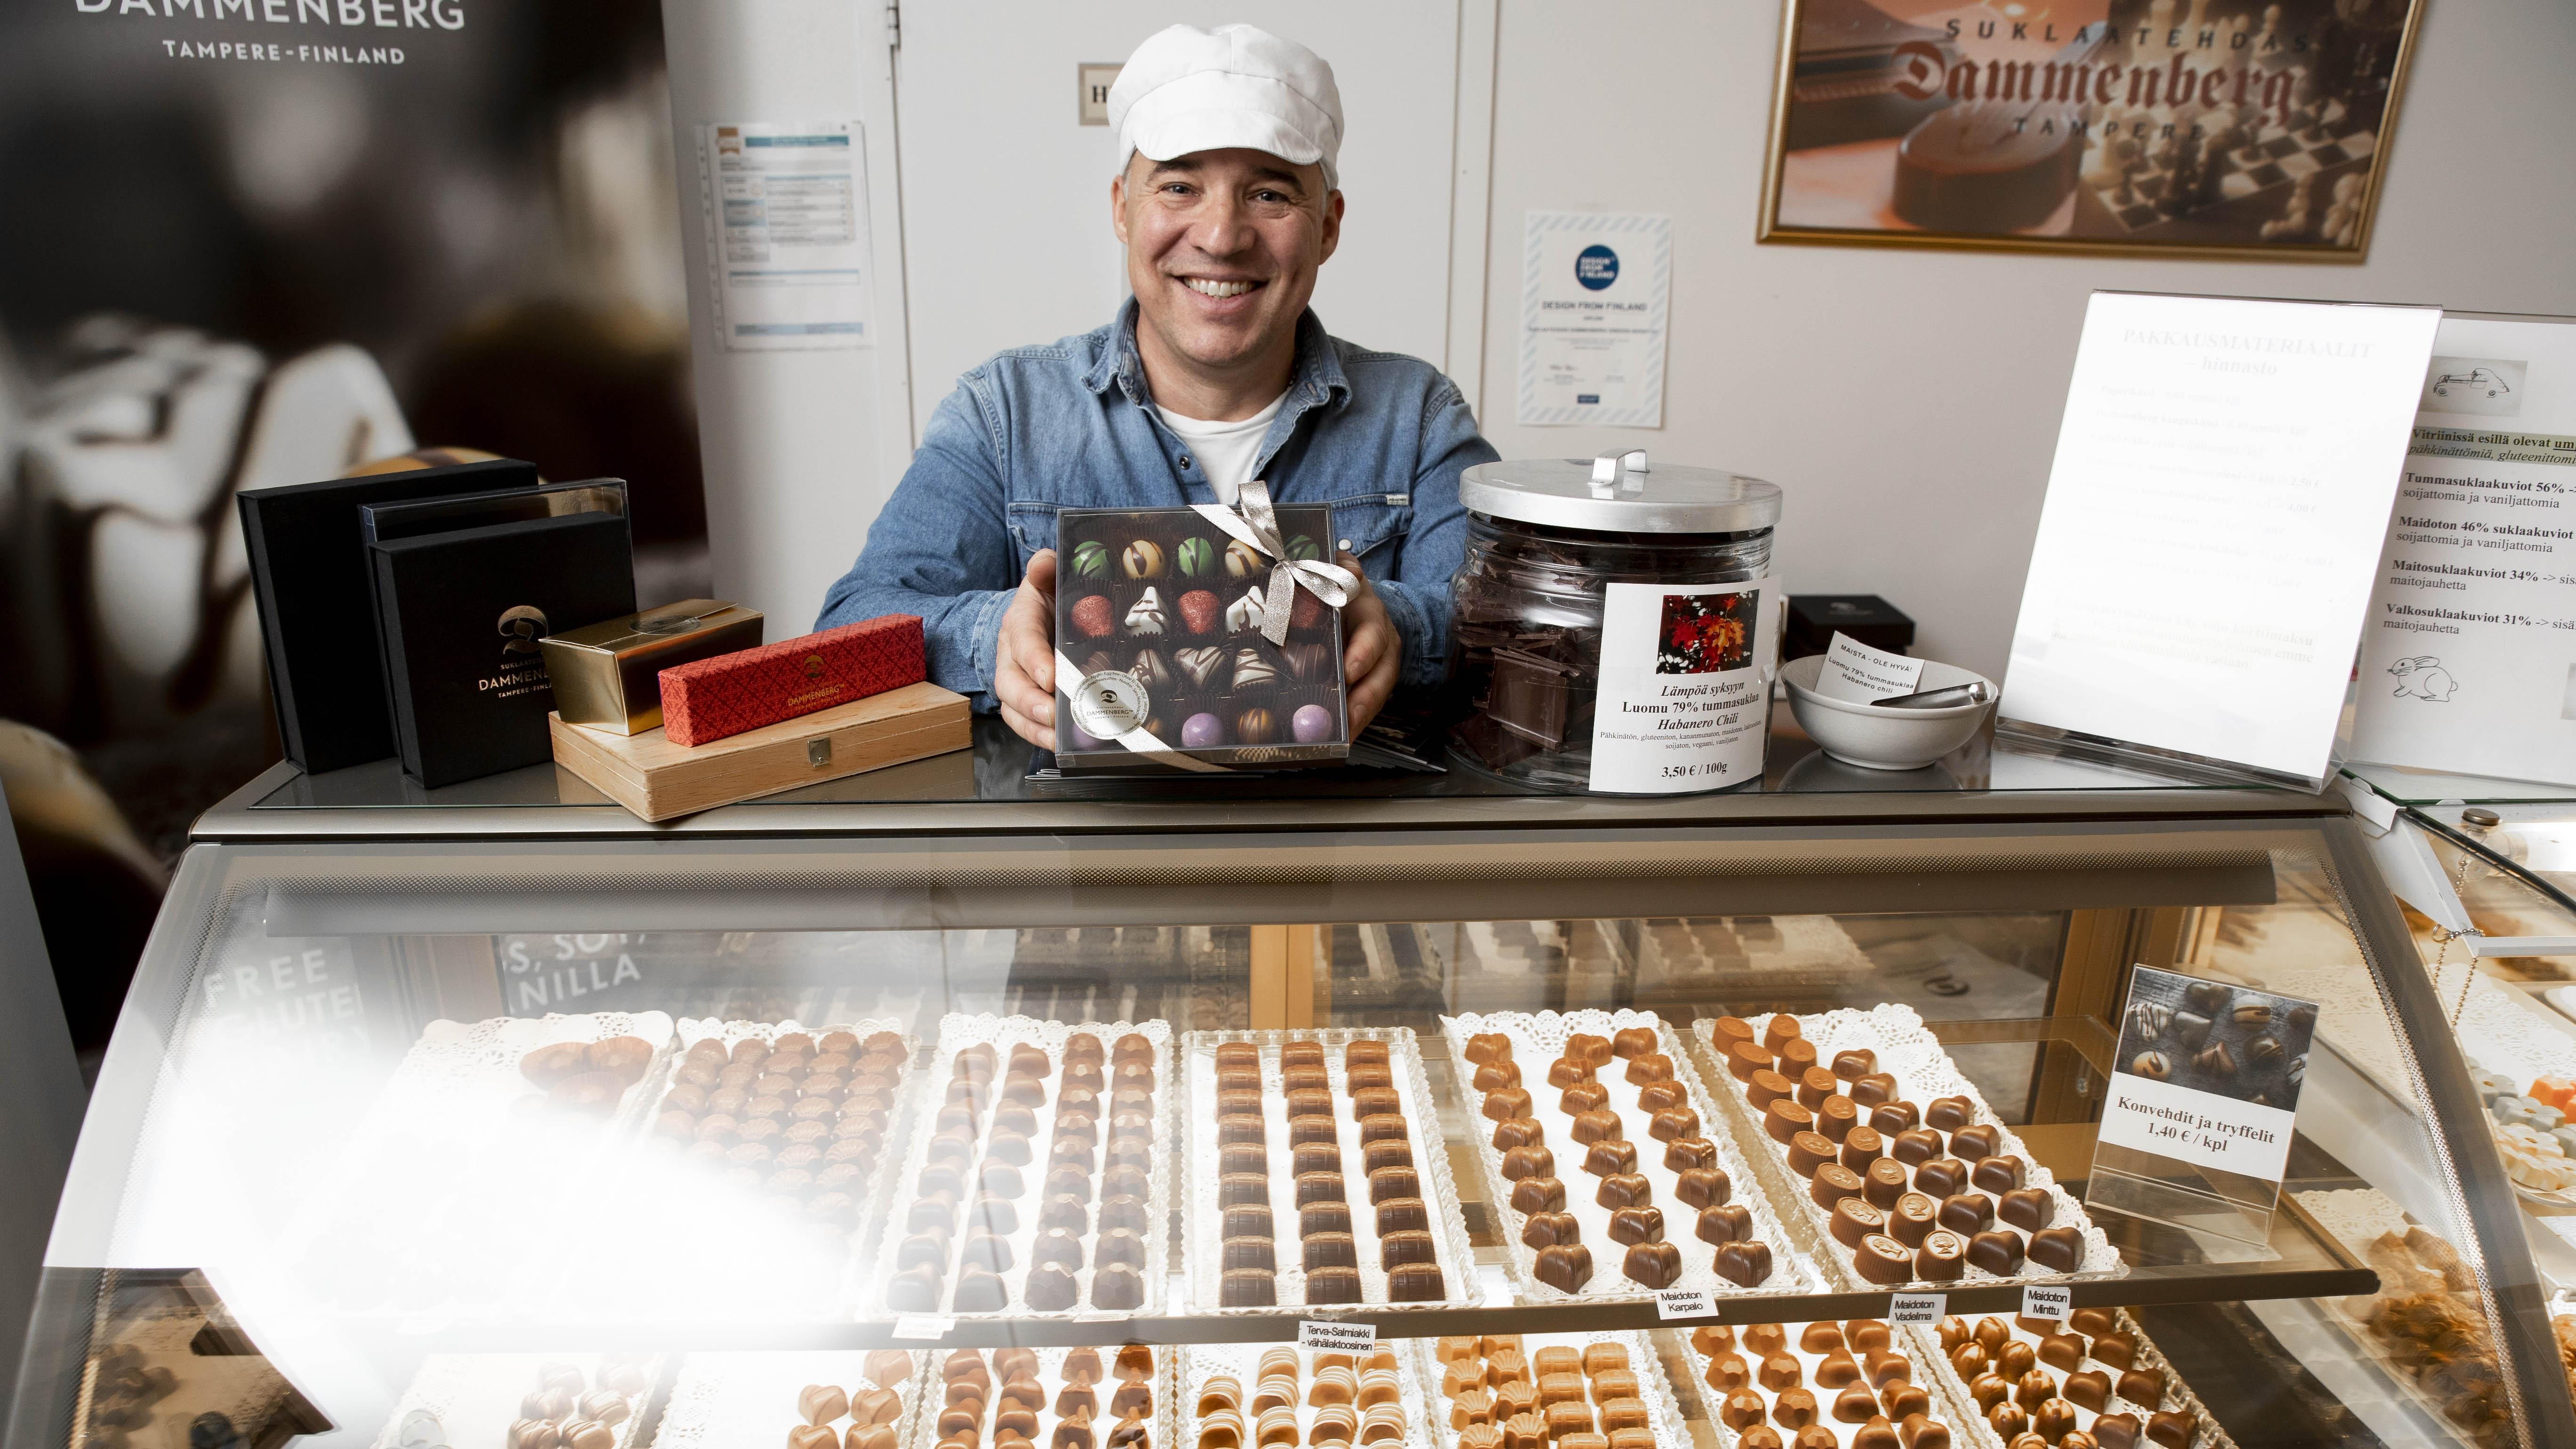 Suklaatehdas Dammenbergin omistaja ja suklaamestari Marko Iso-Kungas esittelee valikoimaansa tehtaanmyymälässä. Suklaata voi tehdä itsekin.